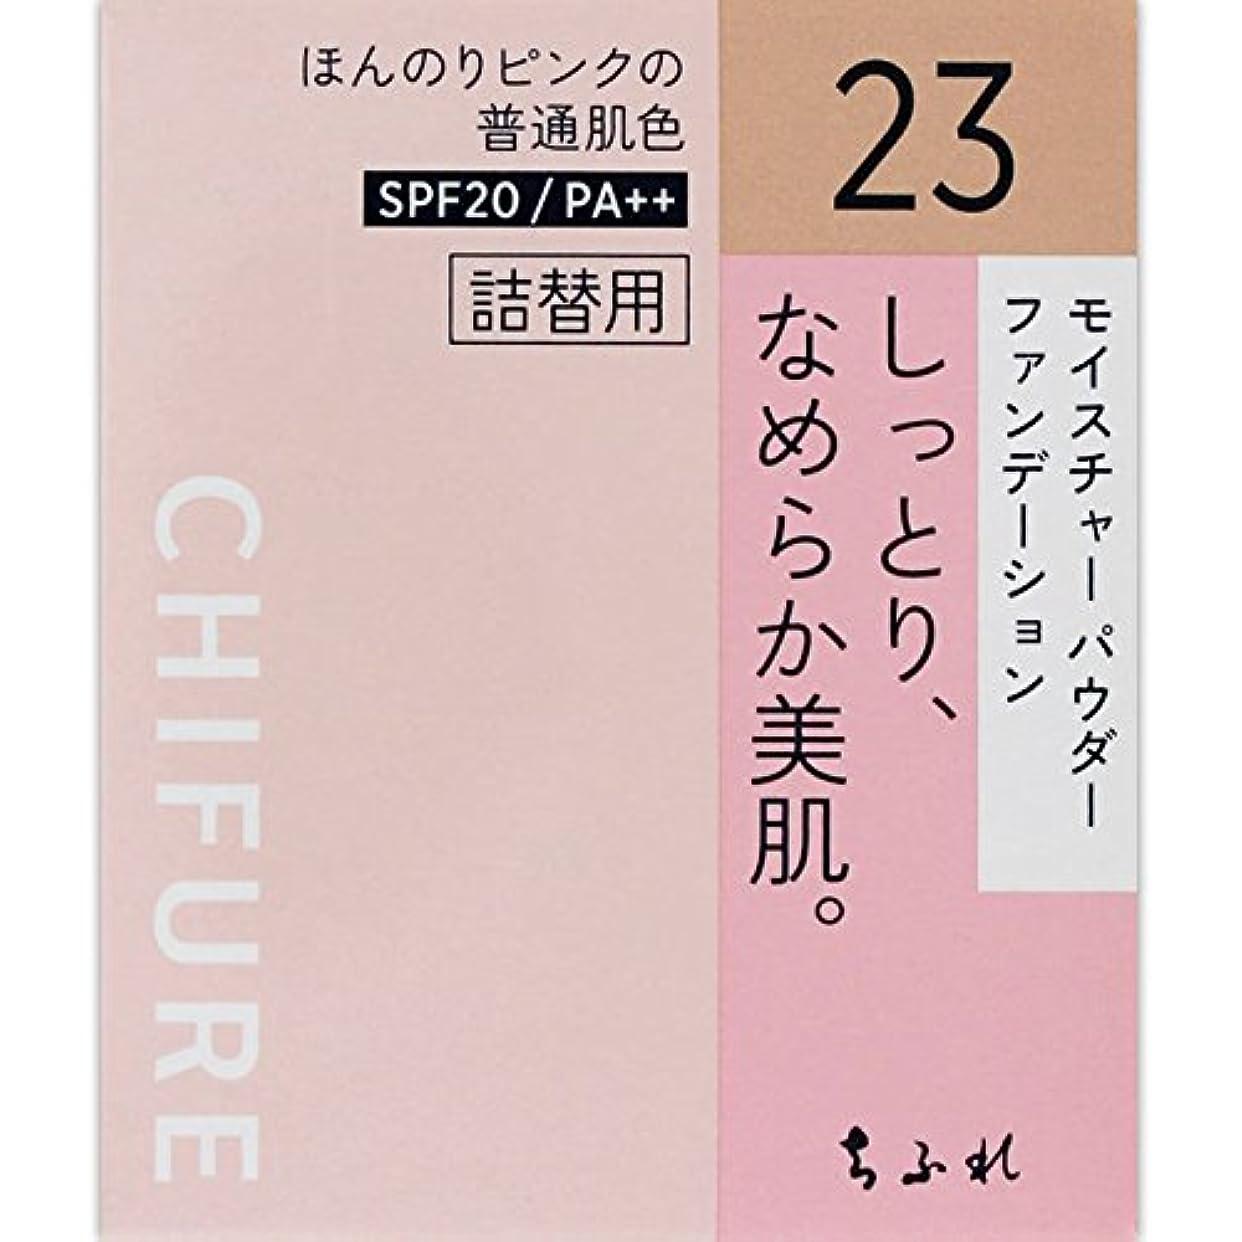 超えて気づくなる記述するちふれ化粧品 モイスチャー パウダーファンデーション 詰替用 ピンクオークル系 MパウダーFD詰替用23